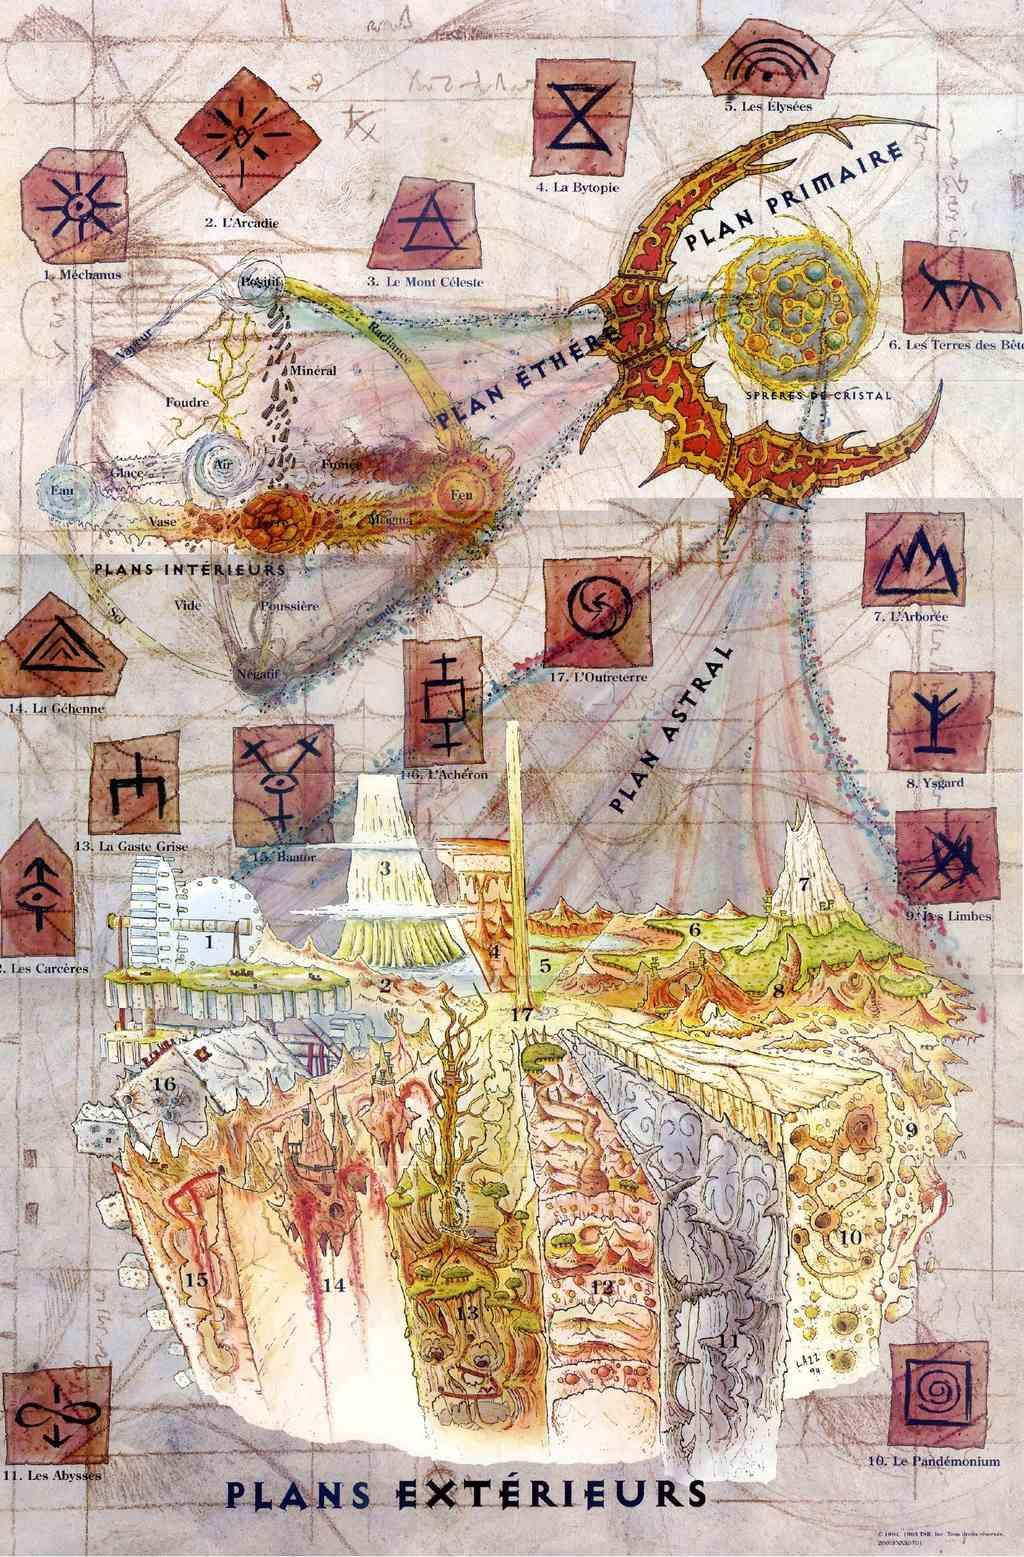 La carte générale et schématisée du multivers.